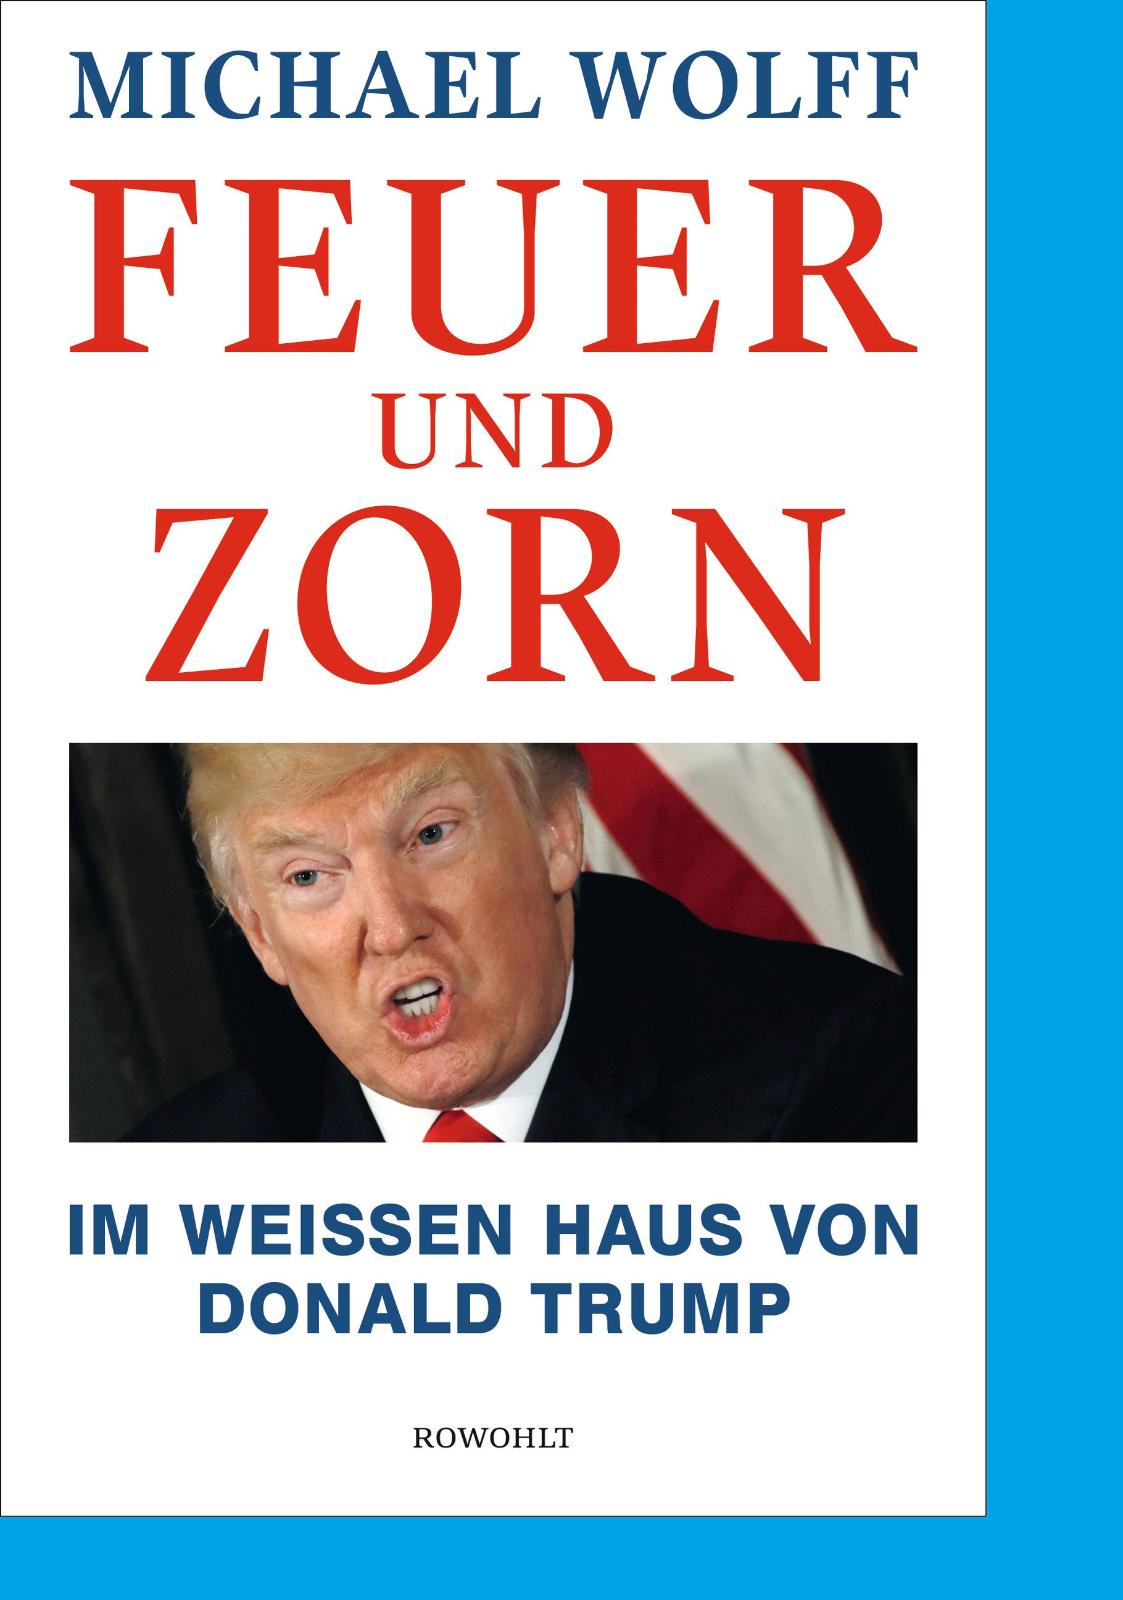 FEUER UND ZORN. Michael Wolff. Im Weissen Haus von Donald Trump. Gebunden